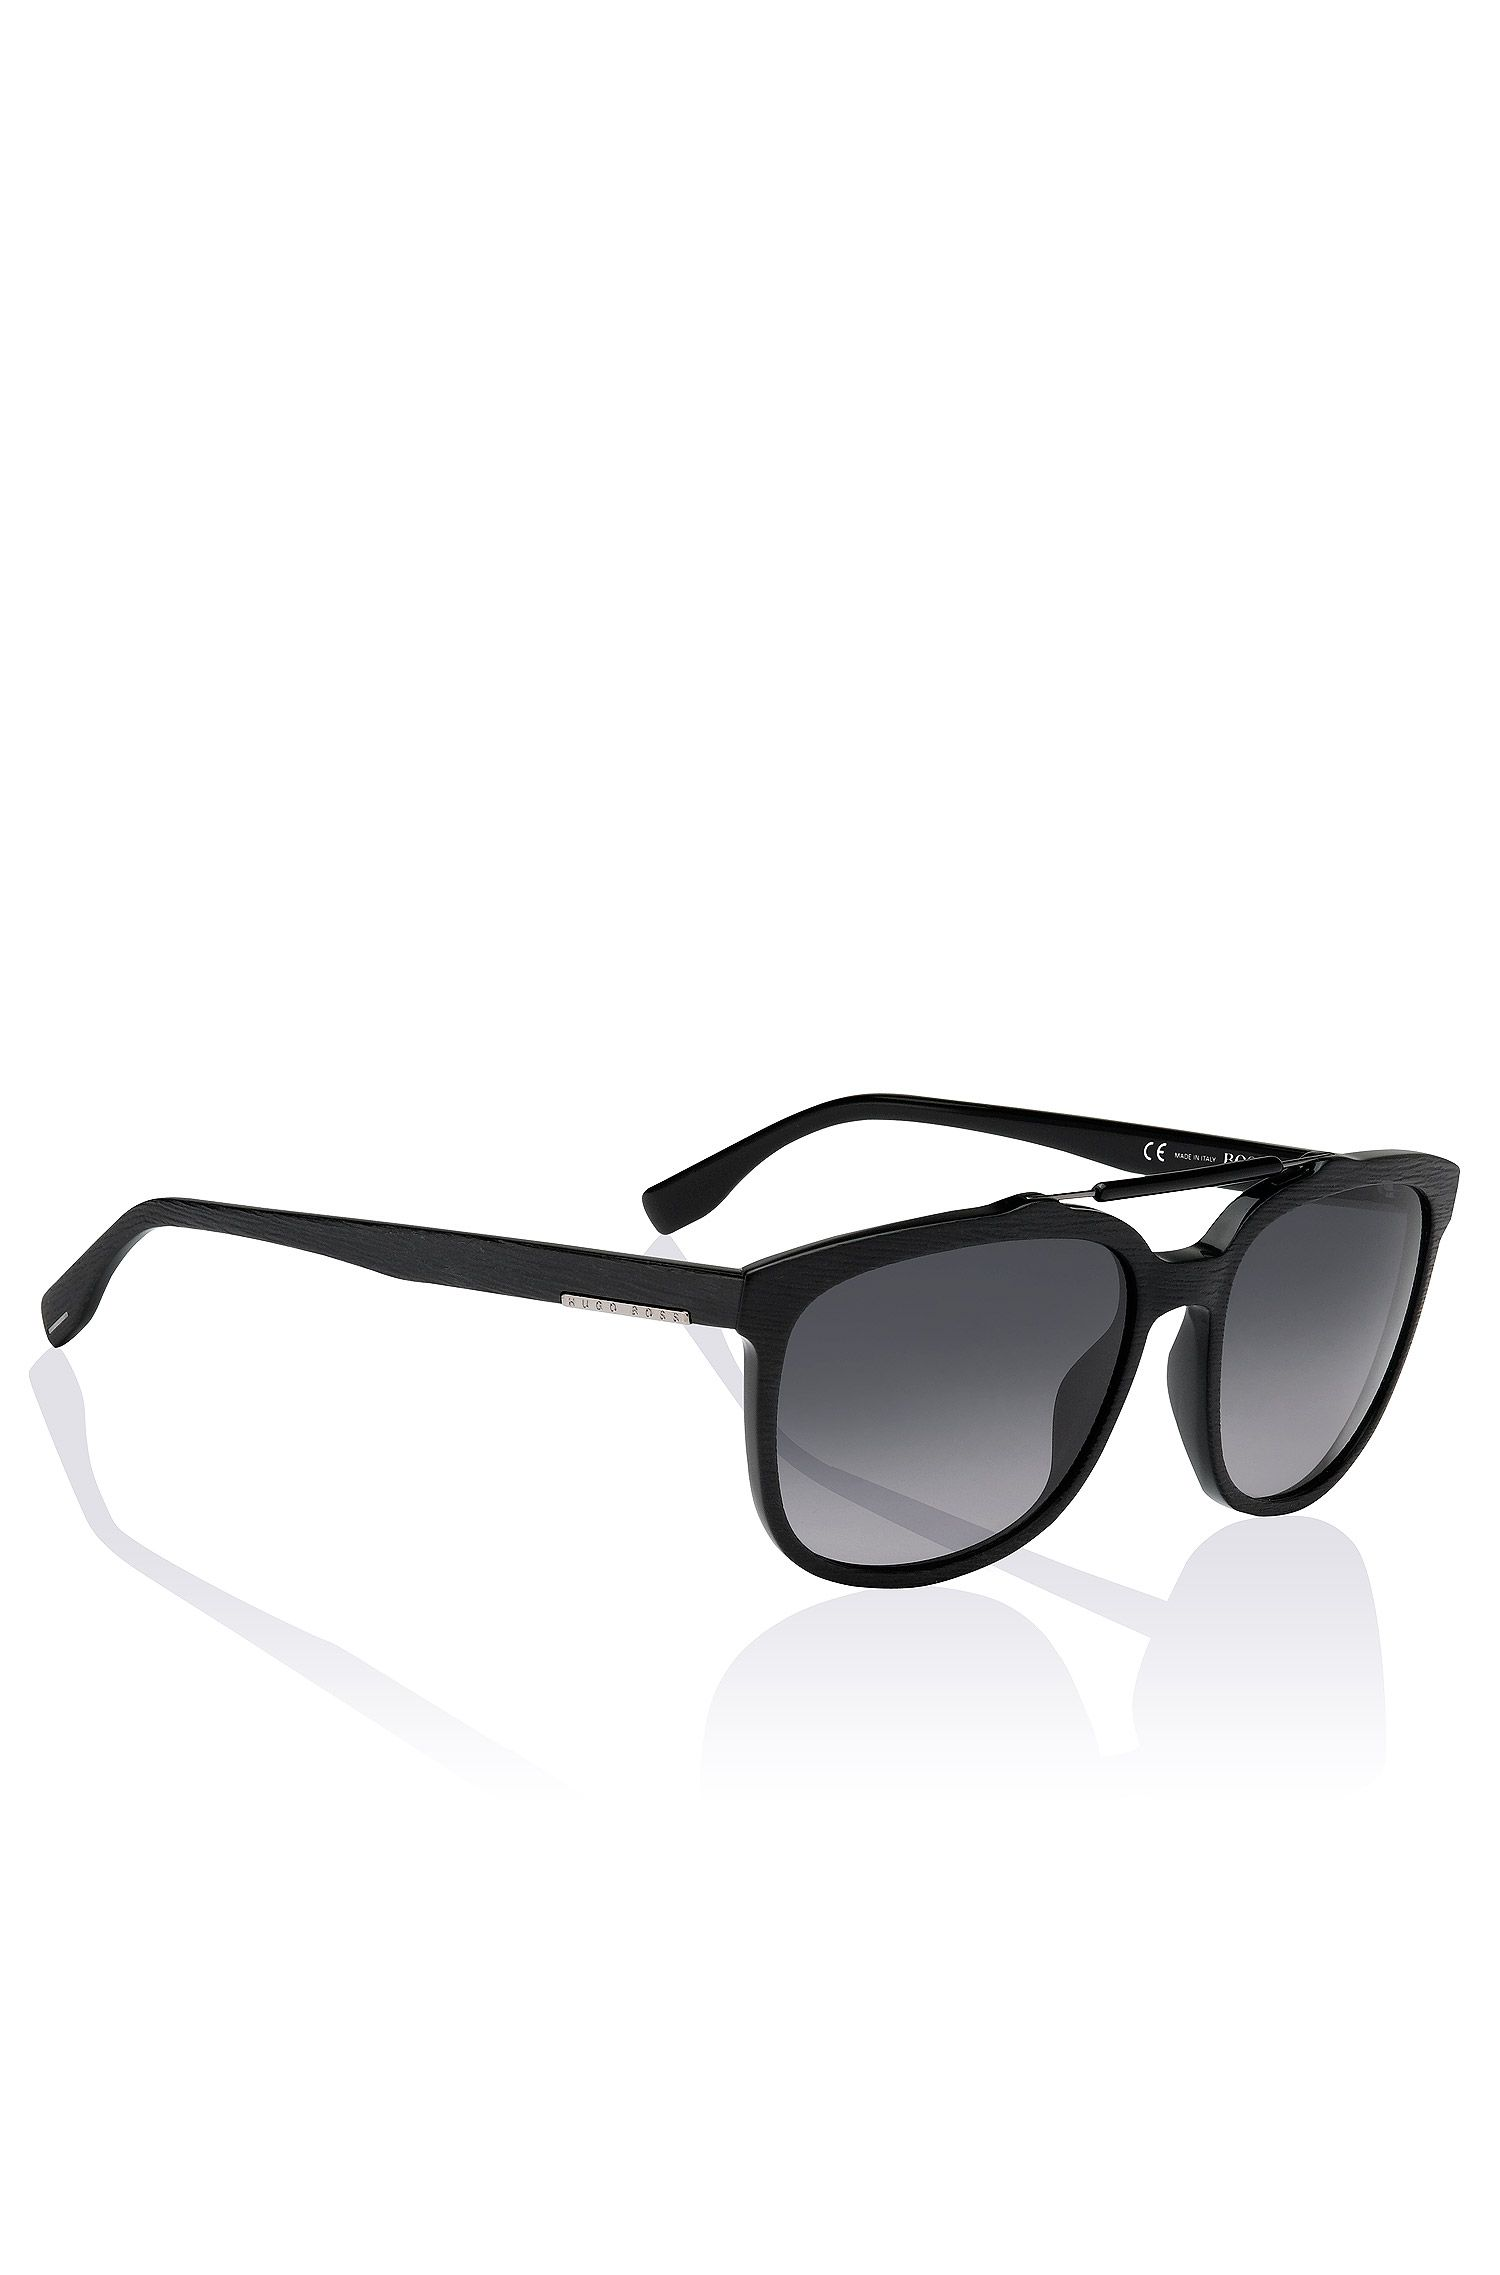 Sonnenbrille ´BOSS 0636/S` aus Acetat